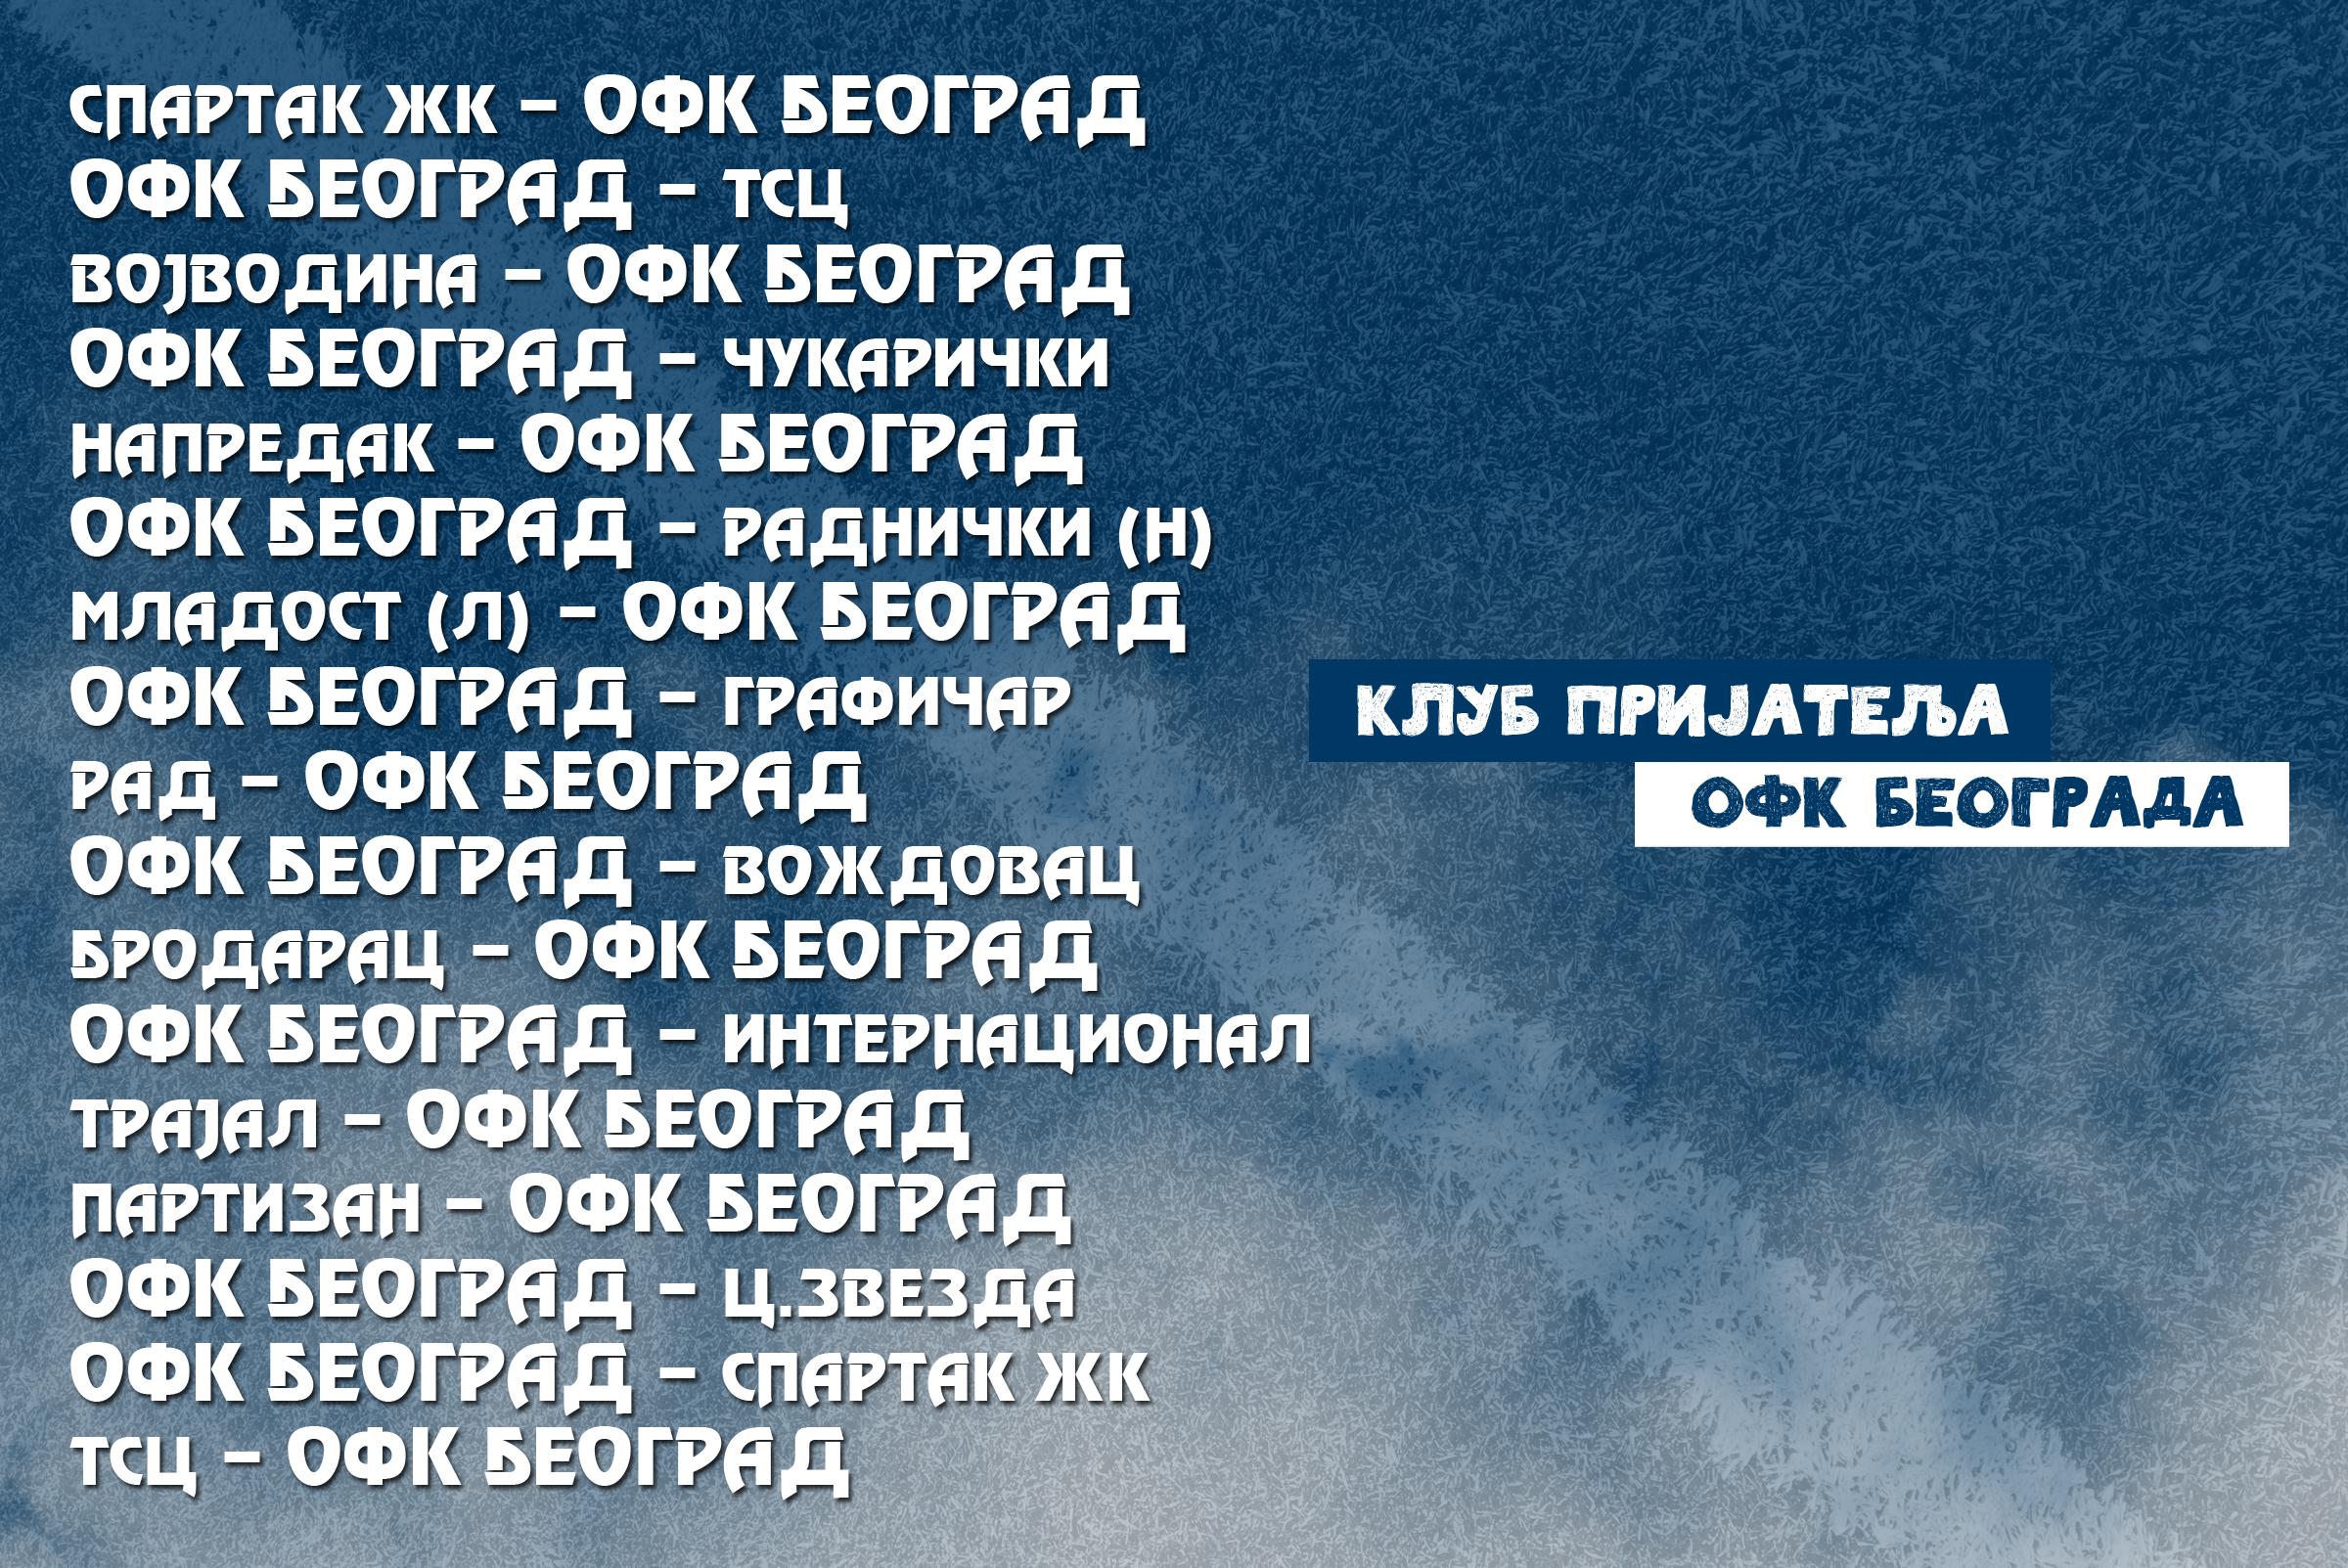 Распоред омладинске лиге